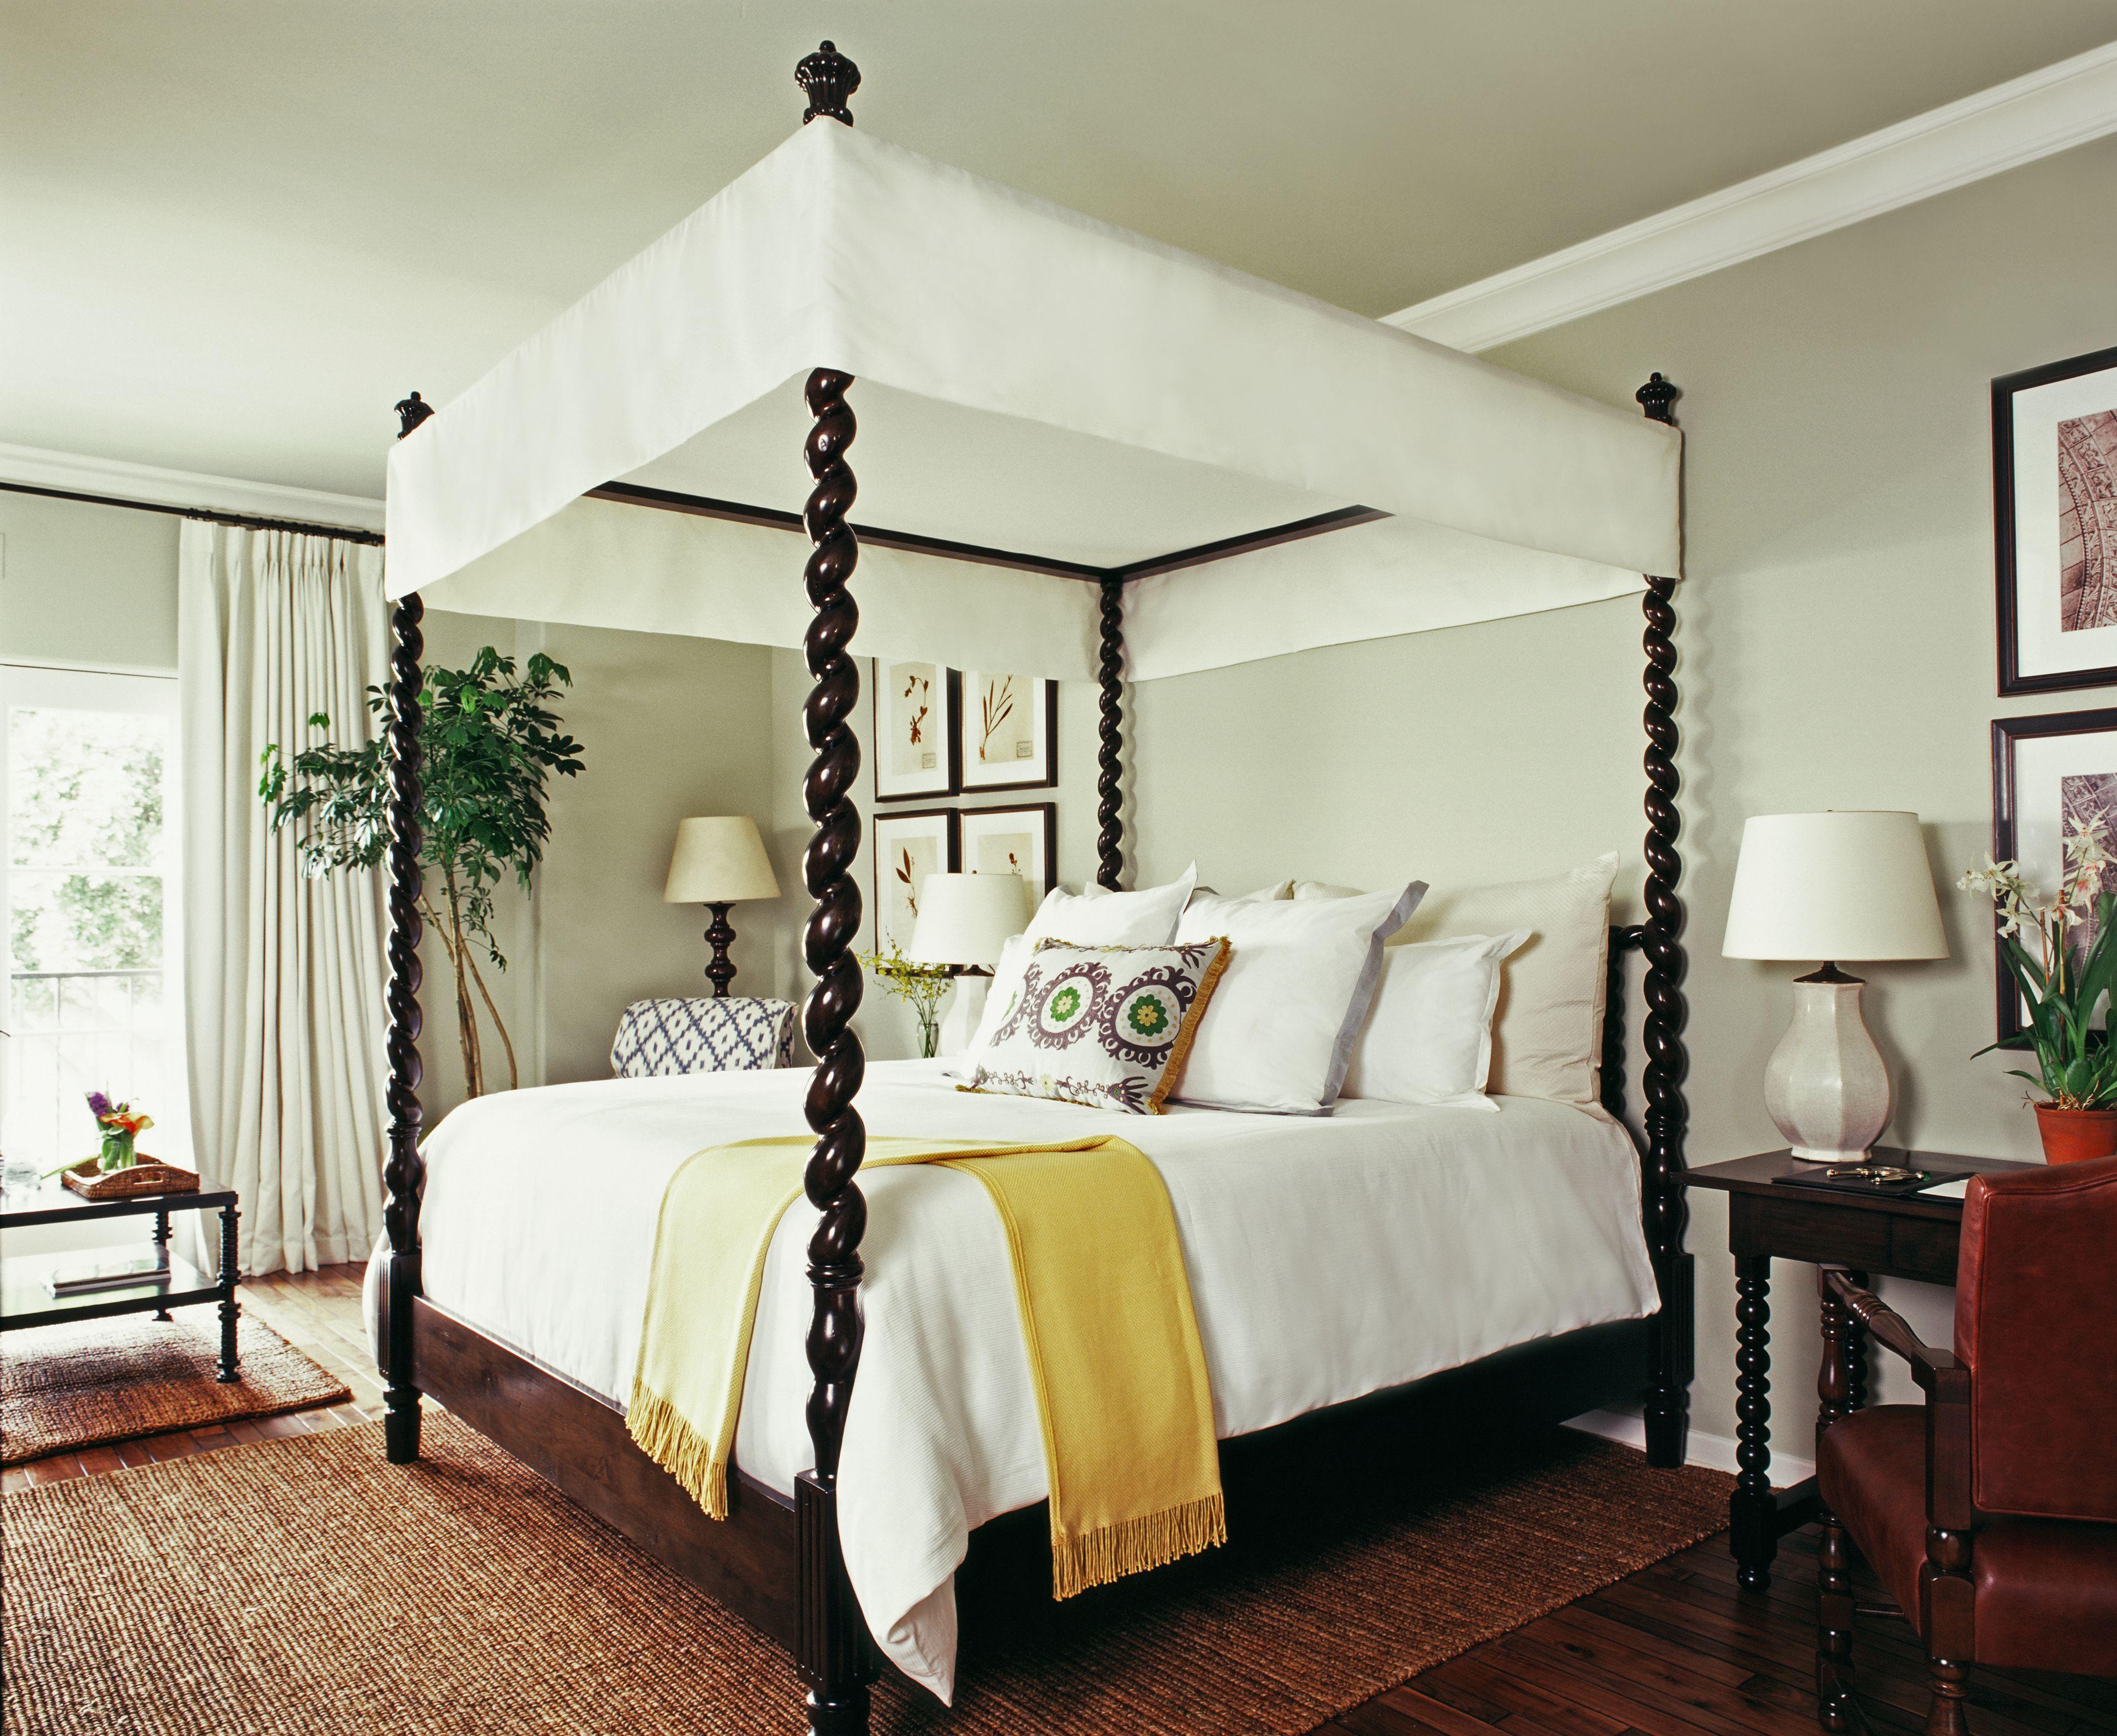 Courtesy of Kimpton Canary Hotel / Expedia